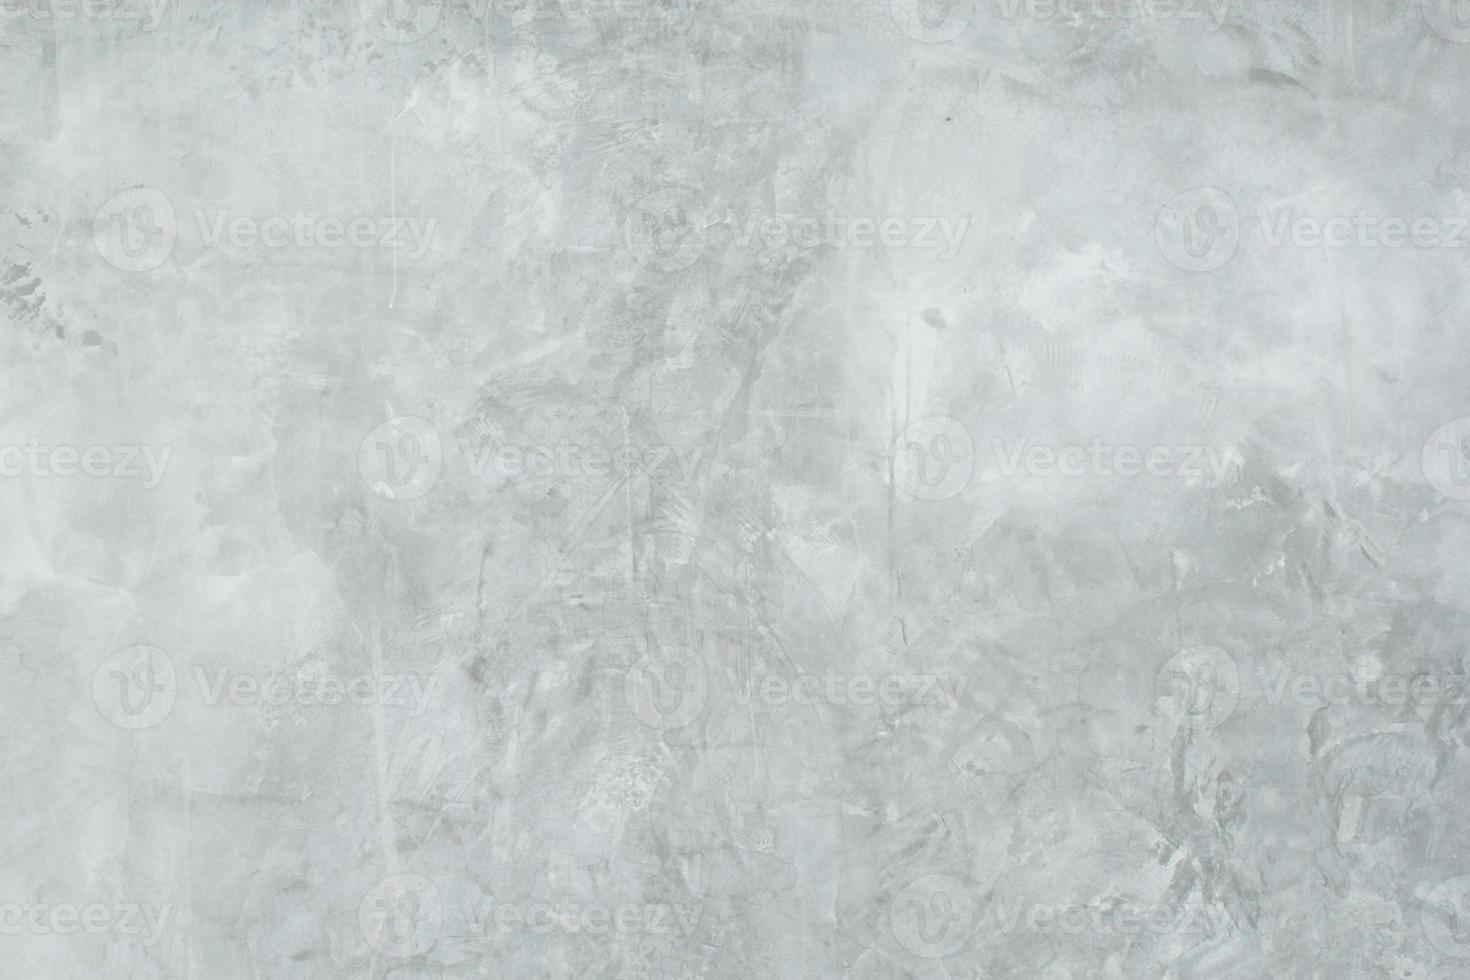 betongvägg - texturerad bakgrund foto